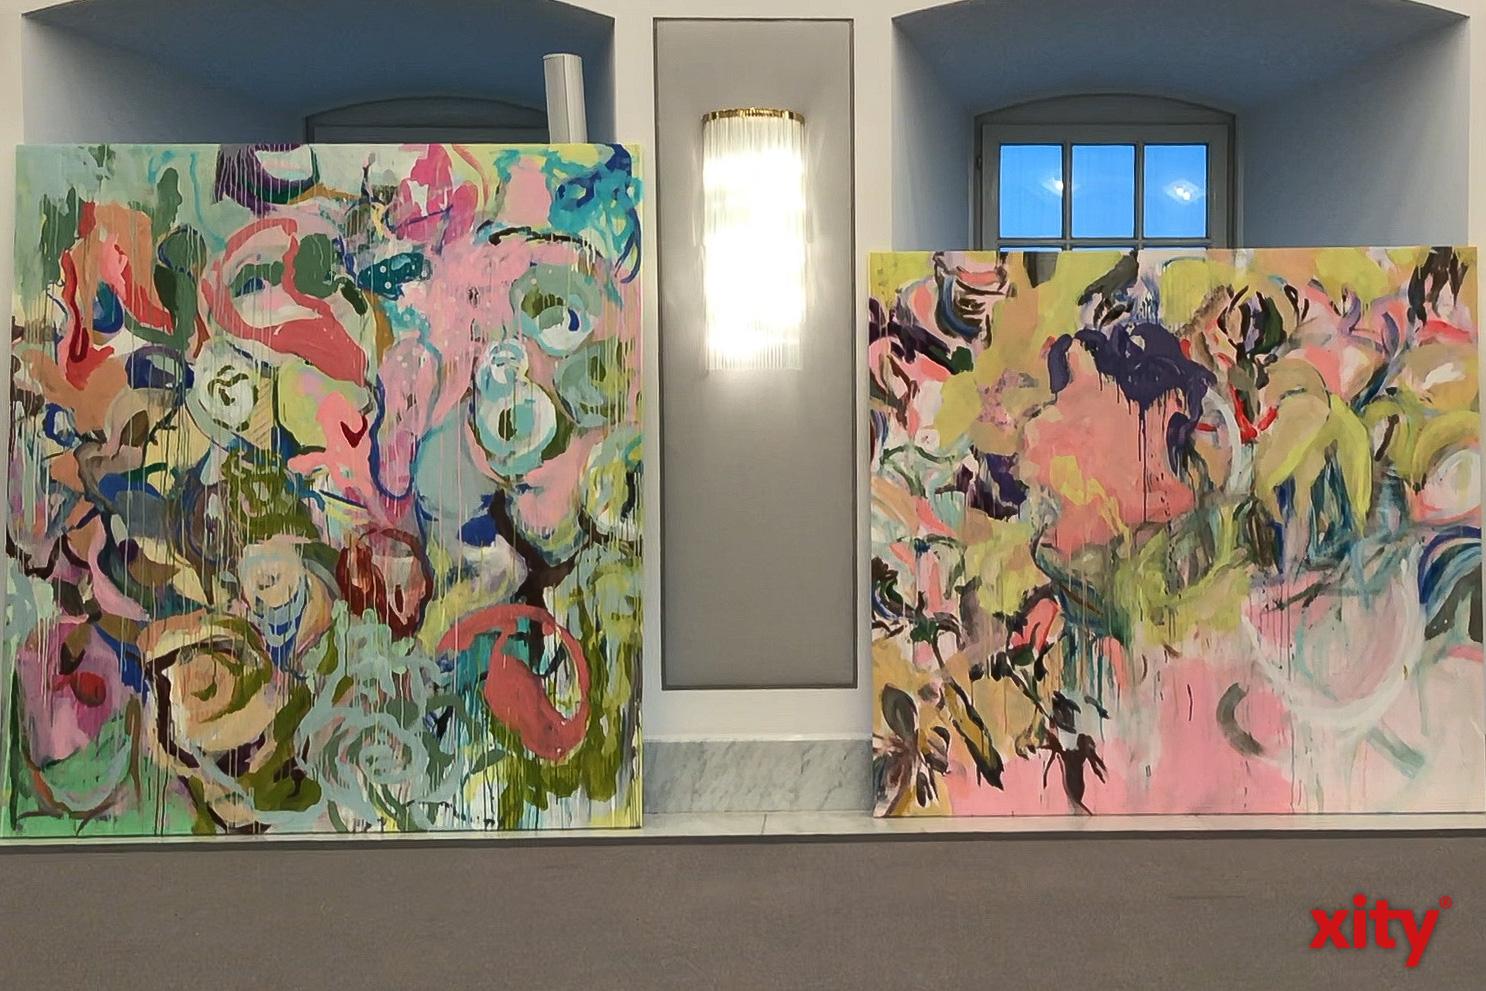 Panknins Stil variiert stark von Portraits zu sehr abstrakten Farbkompositionen (Foto: xity)